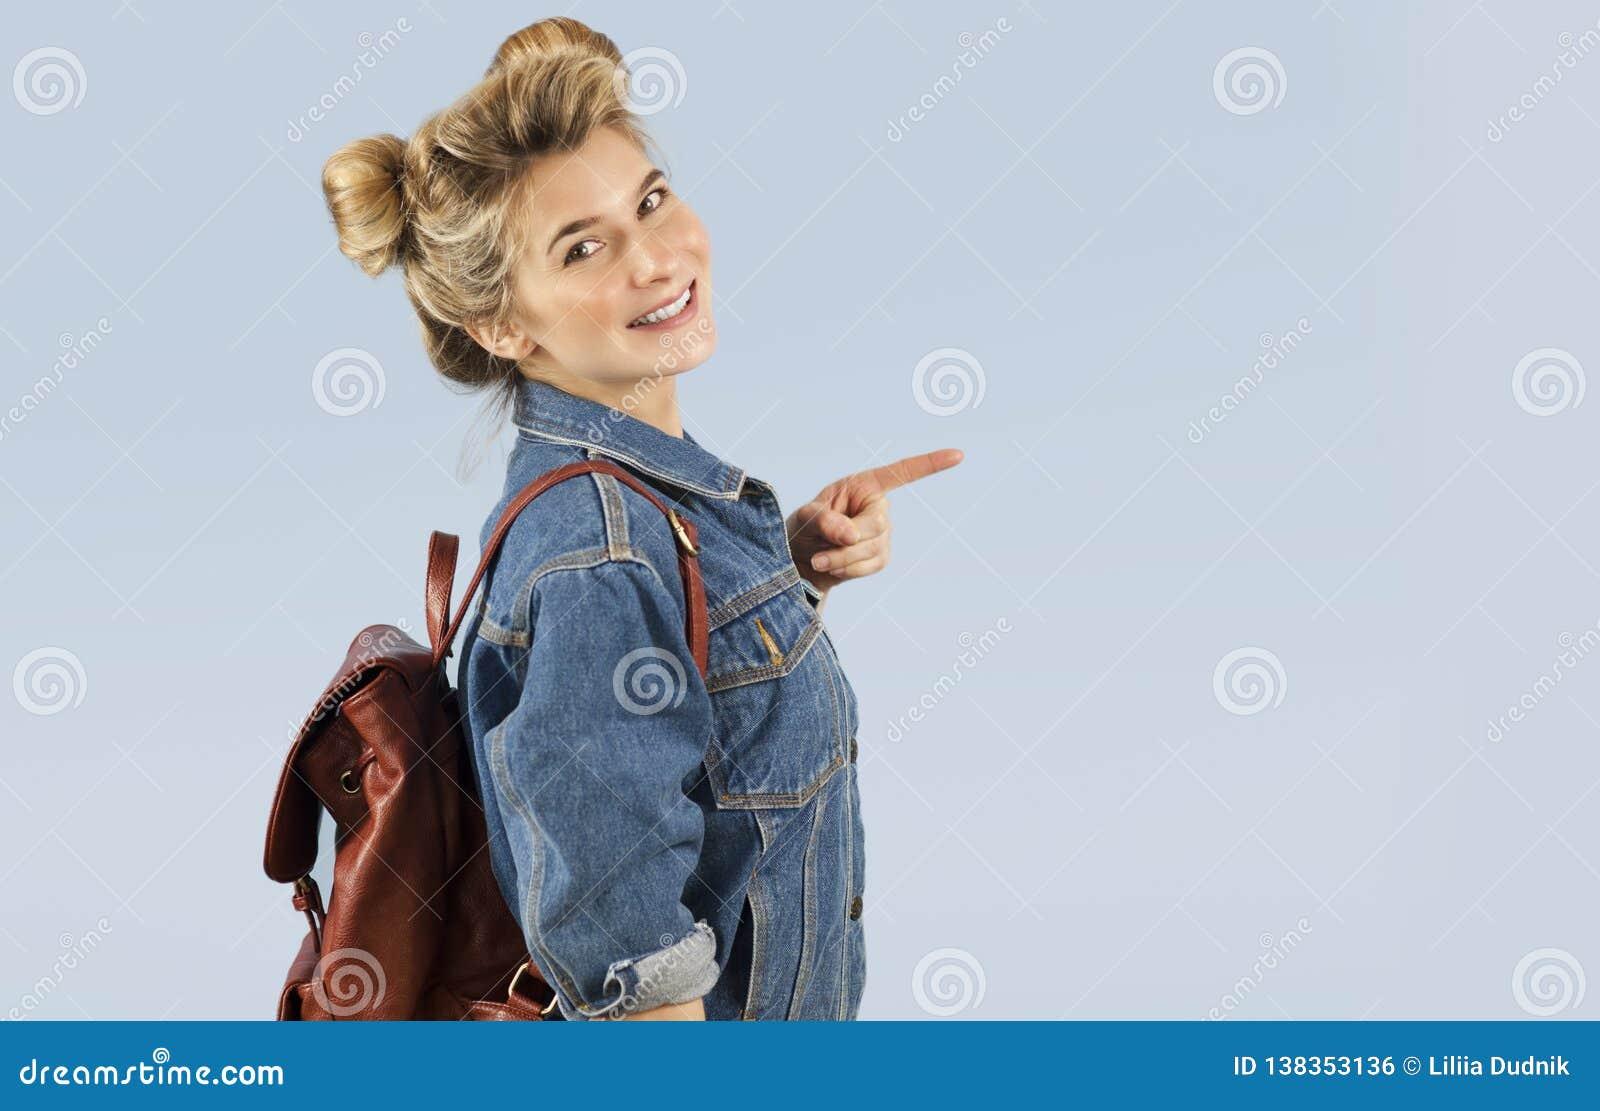 Piękna studencka dziewczyna w drelichowej kurtce z plecakiem na ona ramiona w studiu na błękitnym tle Pojęcie